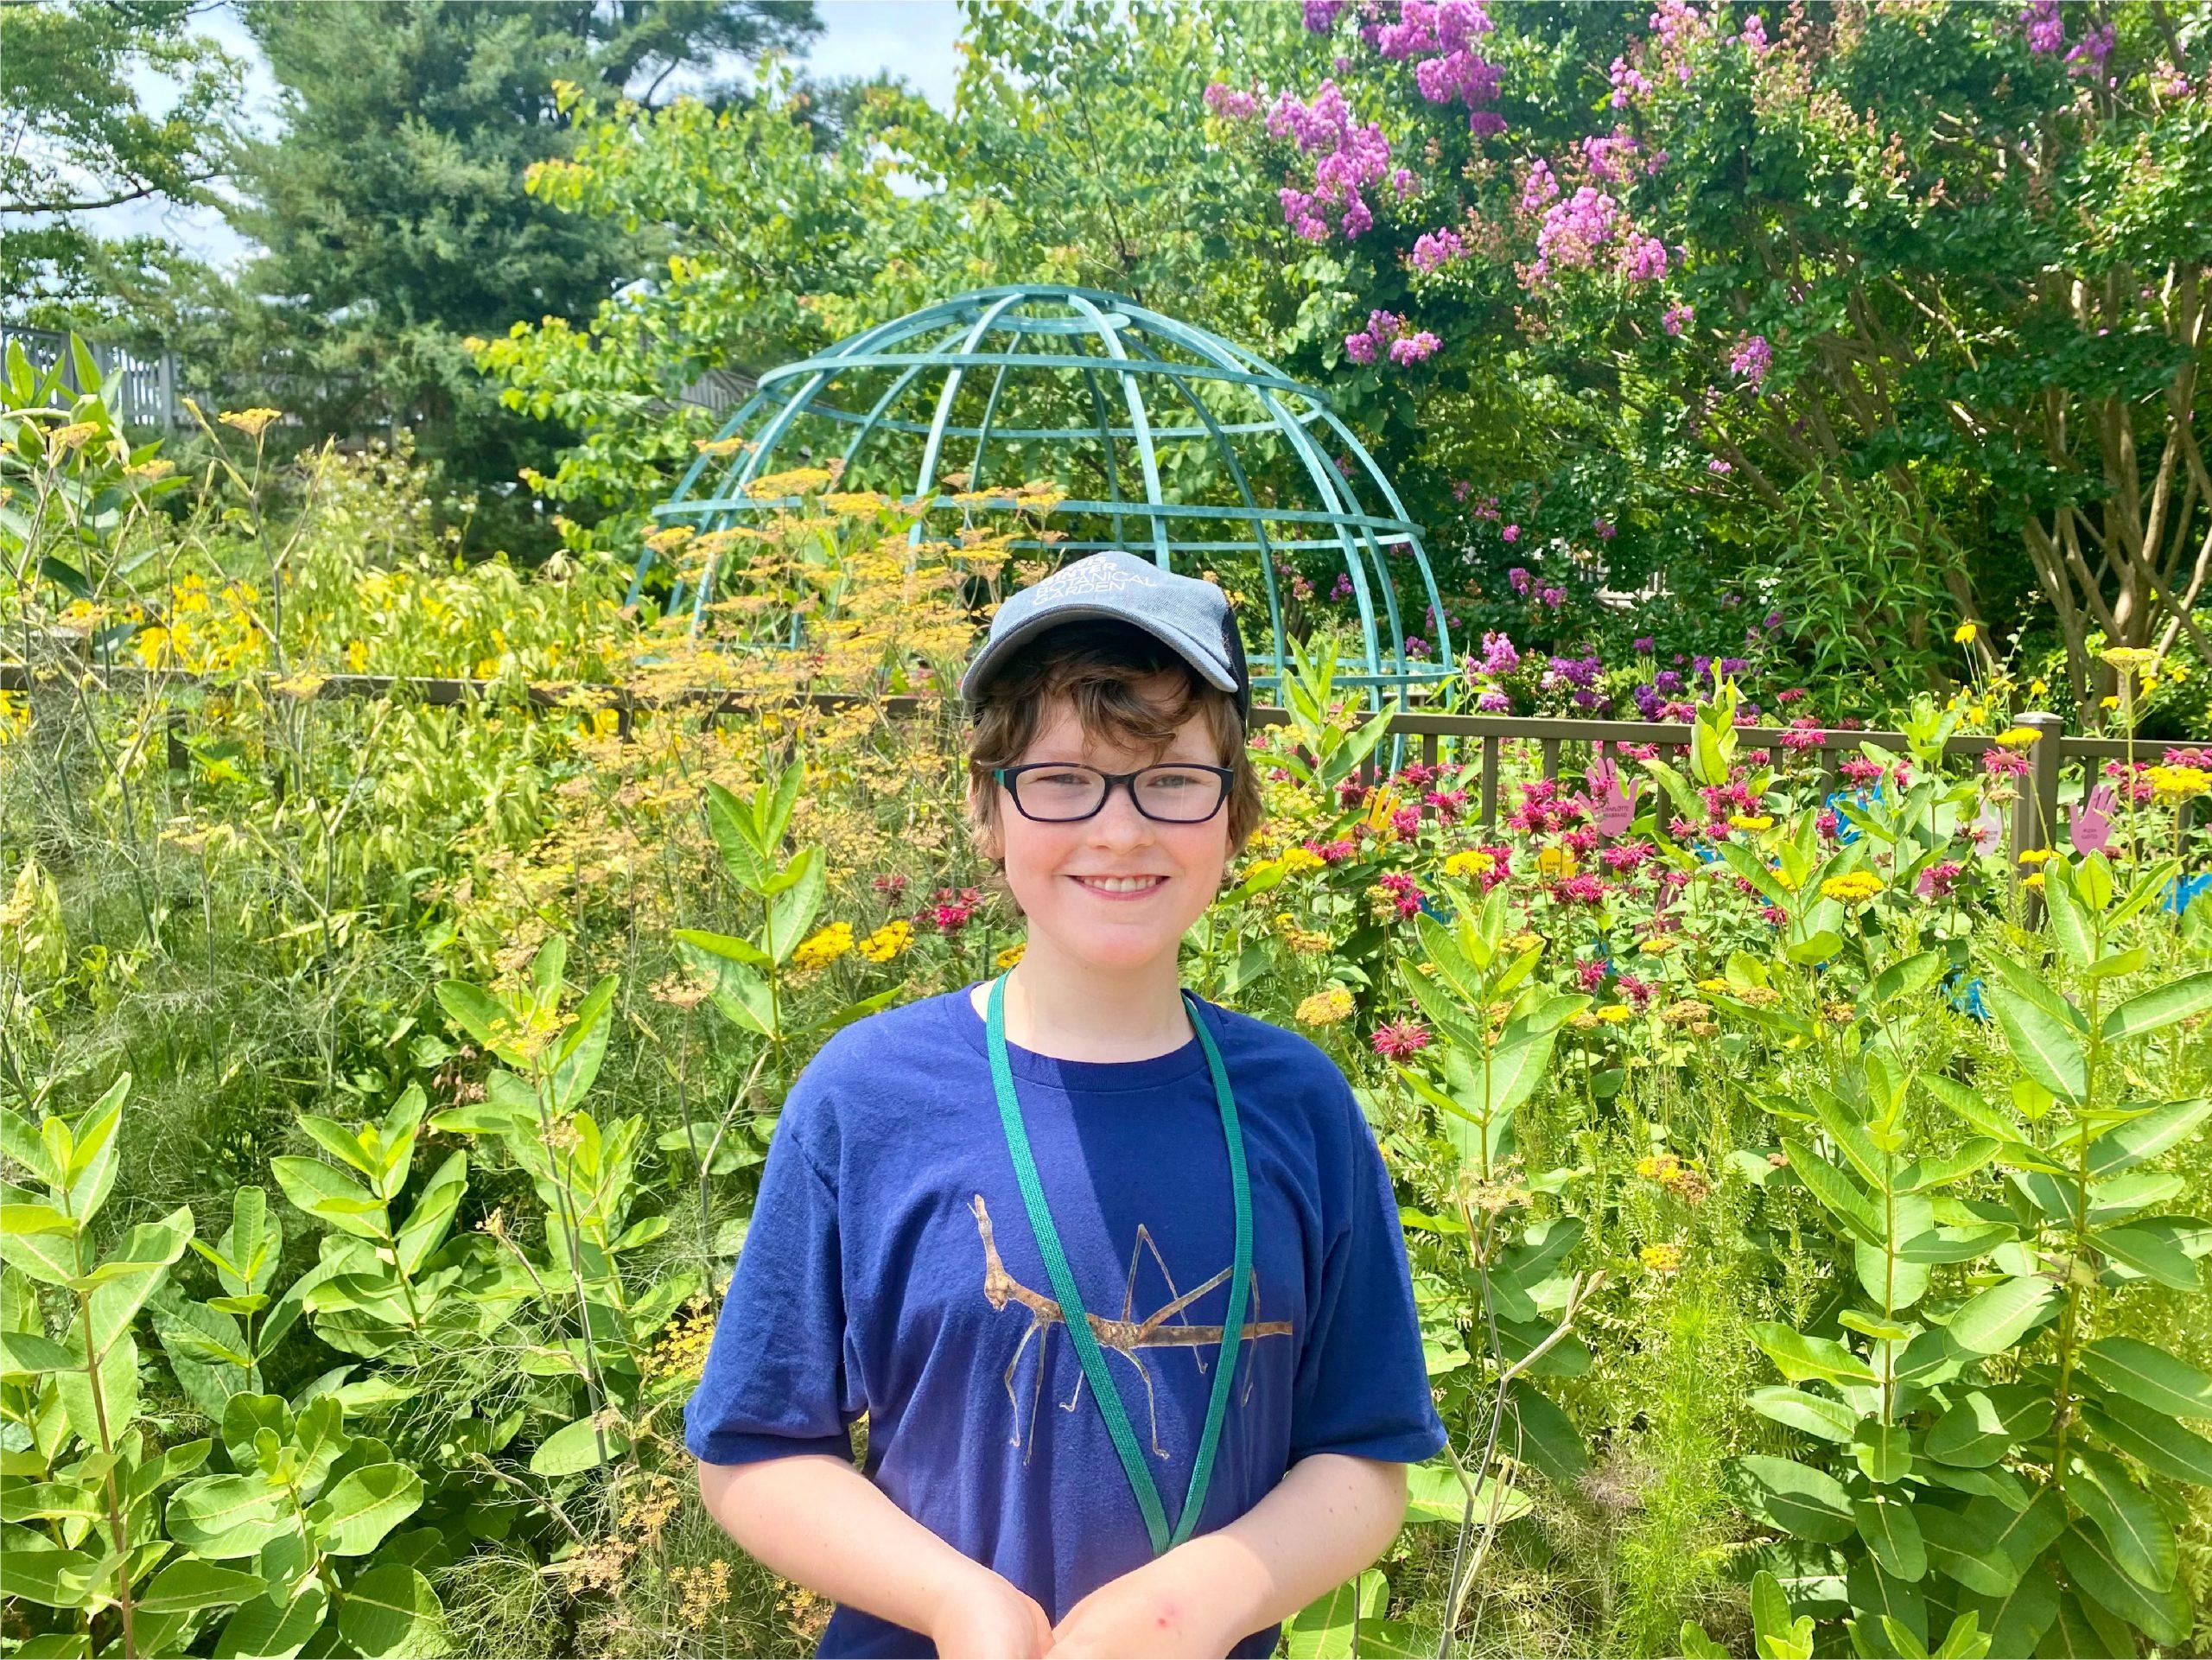 Dan during a Volunteer Opportunity in the Children's Garden